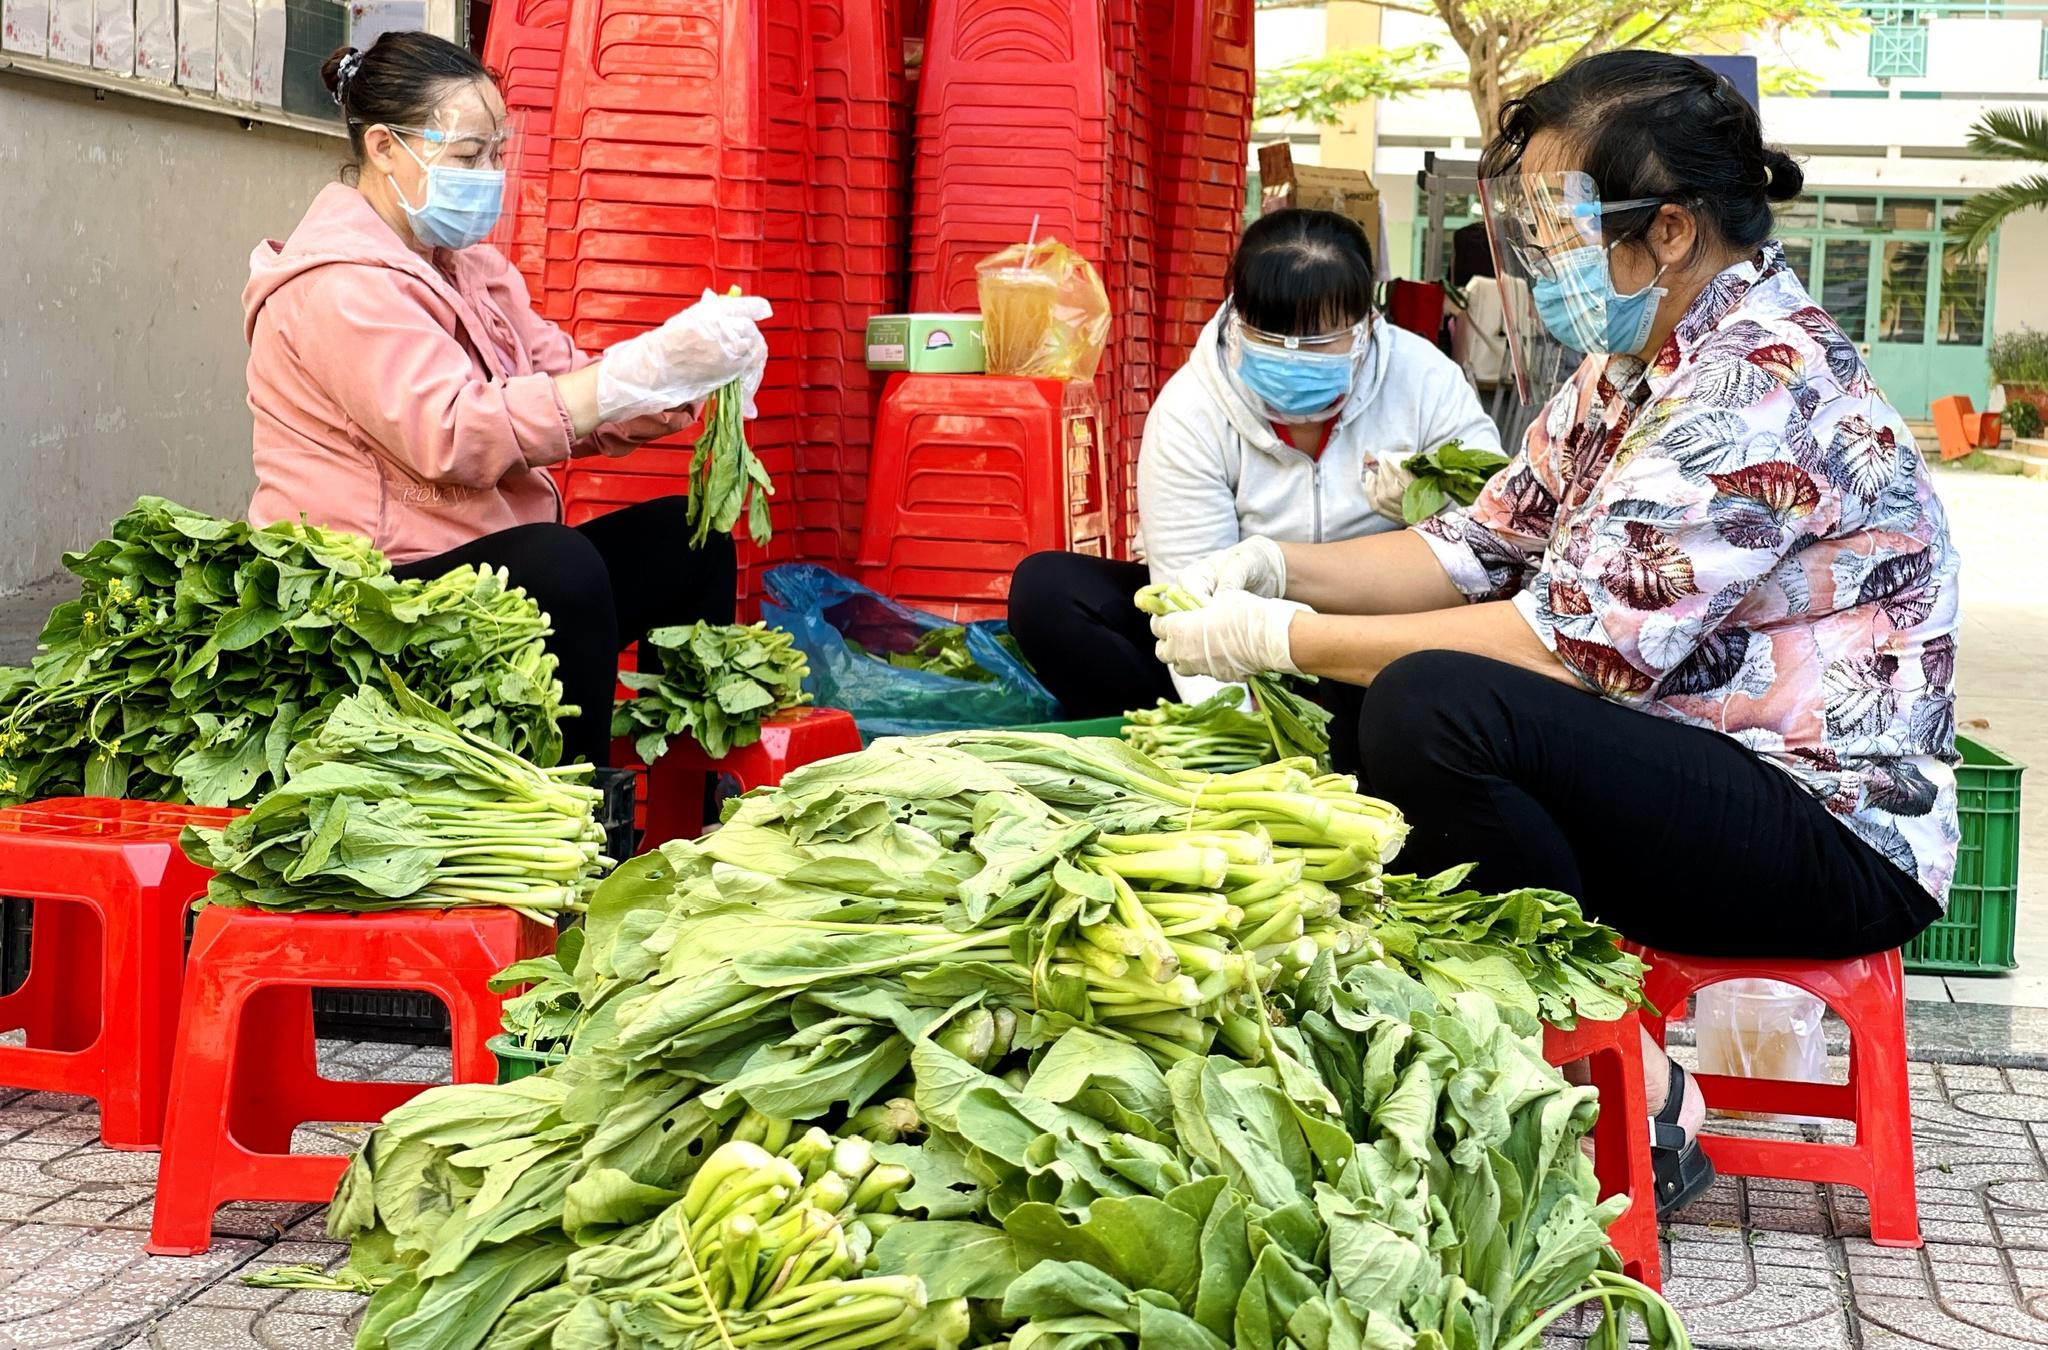 Giữa dịch Covid-19: Người Sài Gòn bật khóc ở siêu thị 0 đồng khi được mua đến 400.000 đồng - ảnh 4